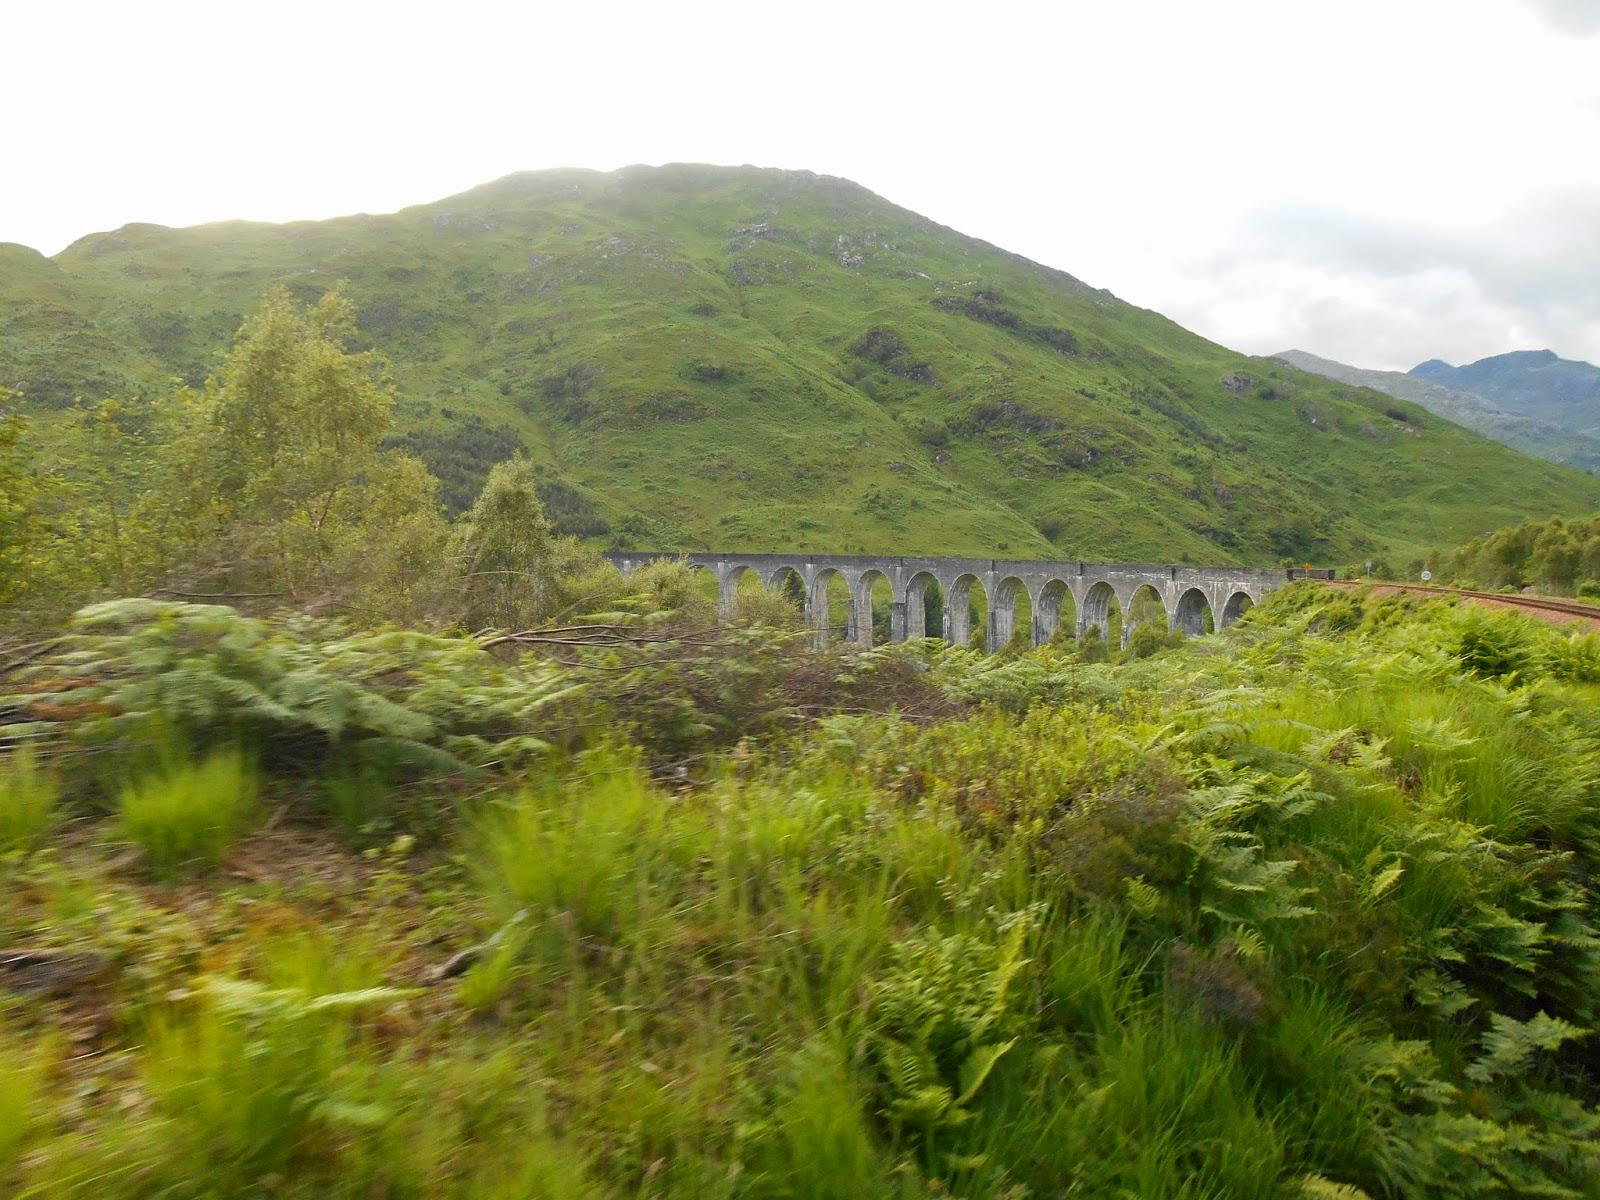 Skócia híres hídja, a Glenfinnan Viaduct, ami egy Harry Potter forgatási helyszín